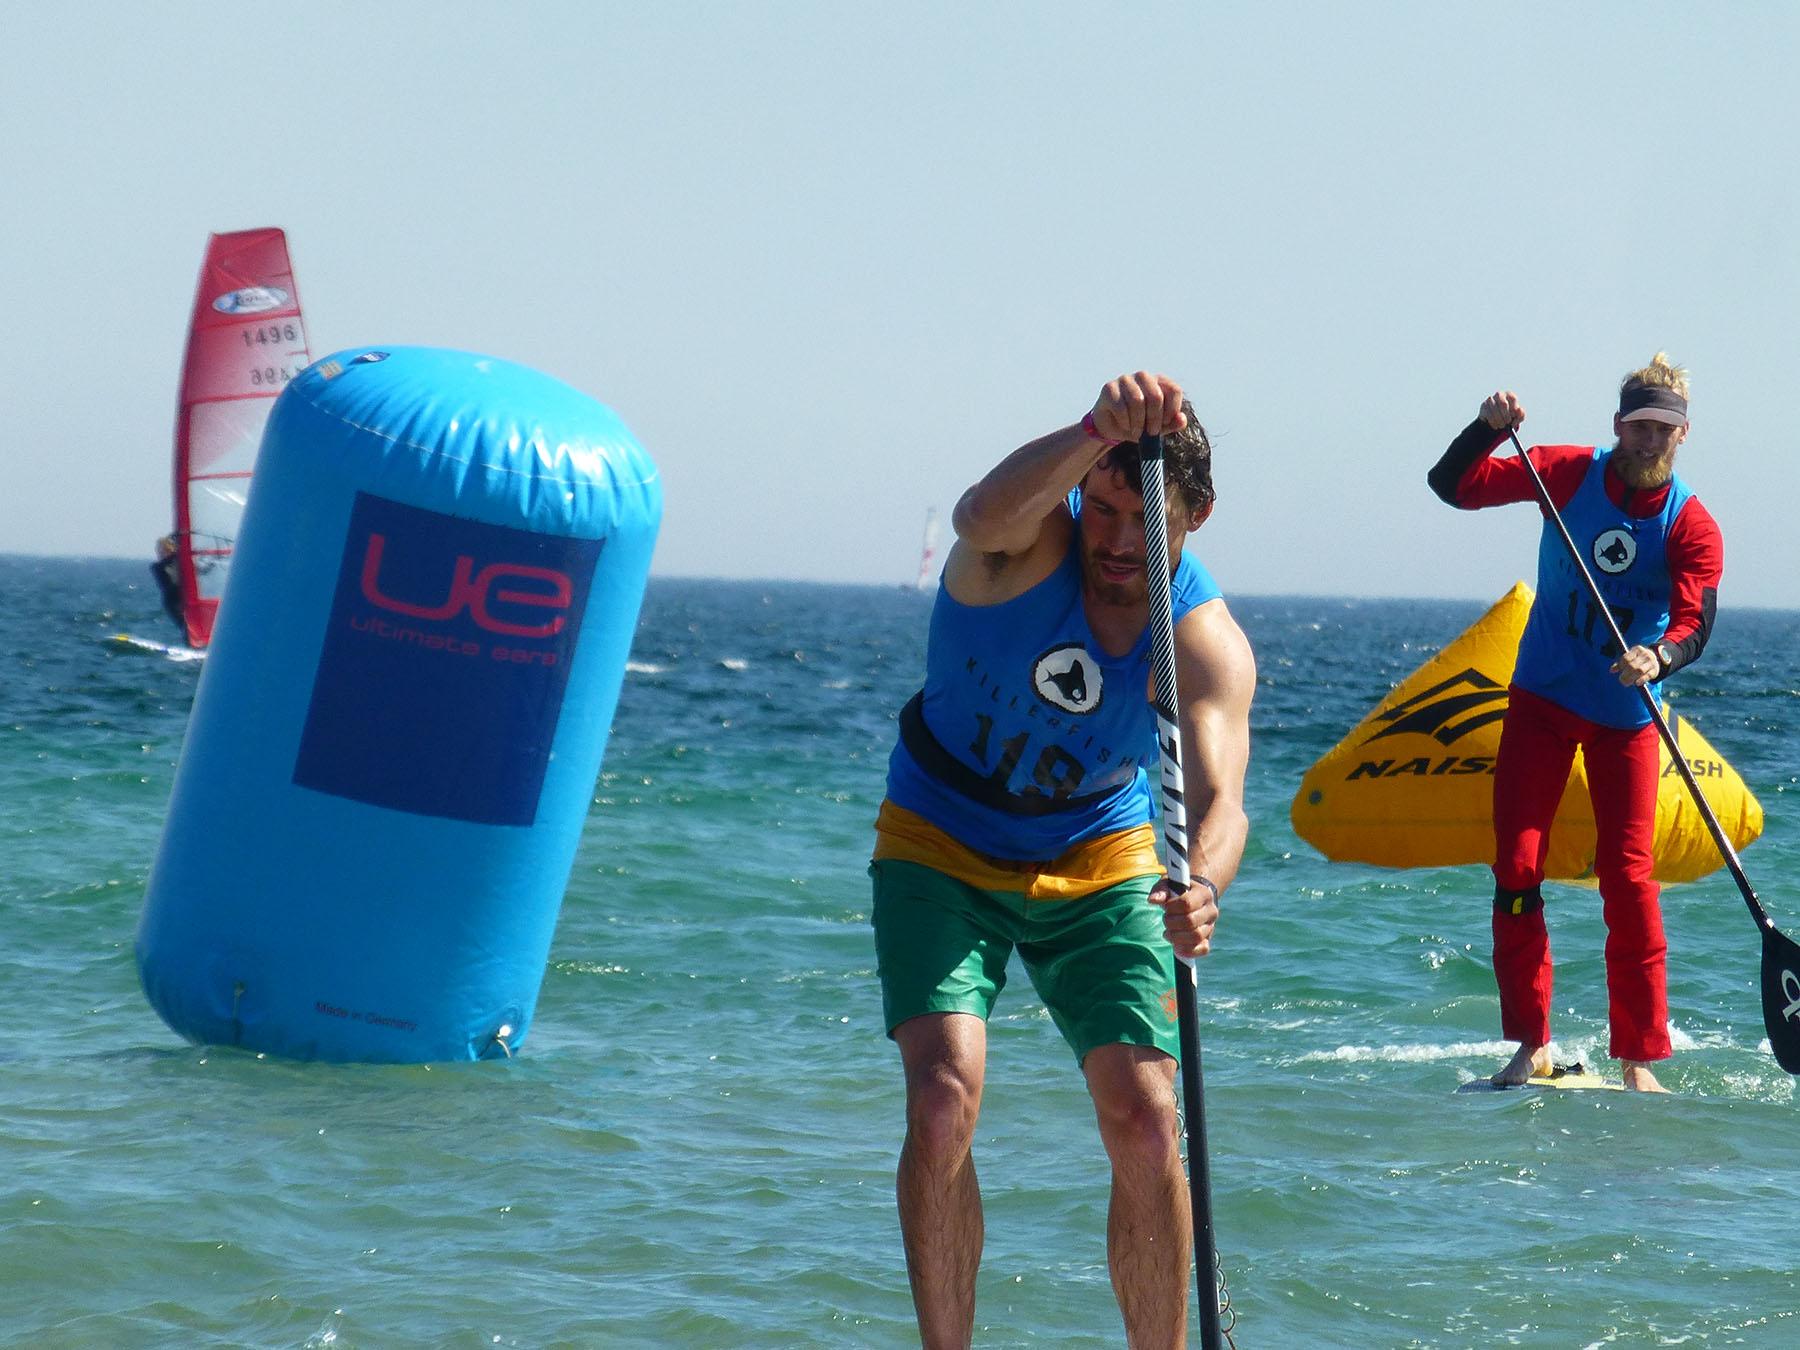 german sup challenge fehmarn surffestival 016 06 1 - Ultimate Beachrace Action @German SUP Challenge Fehmarn 016